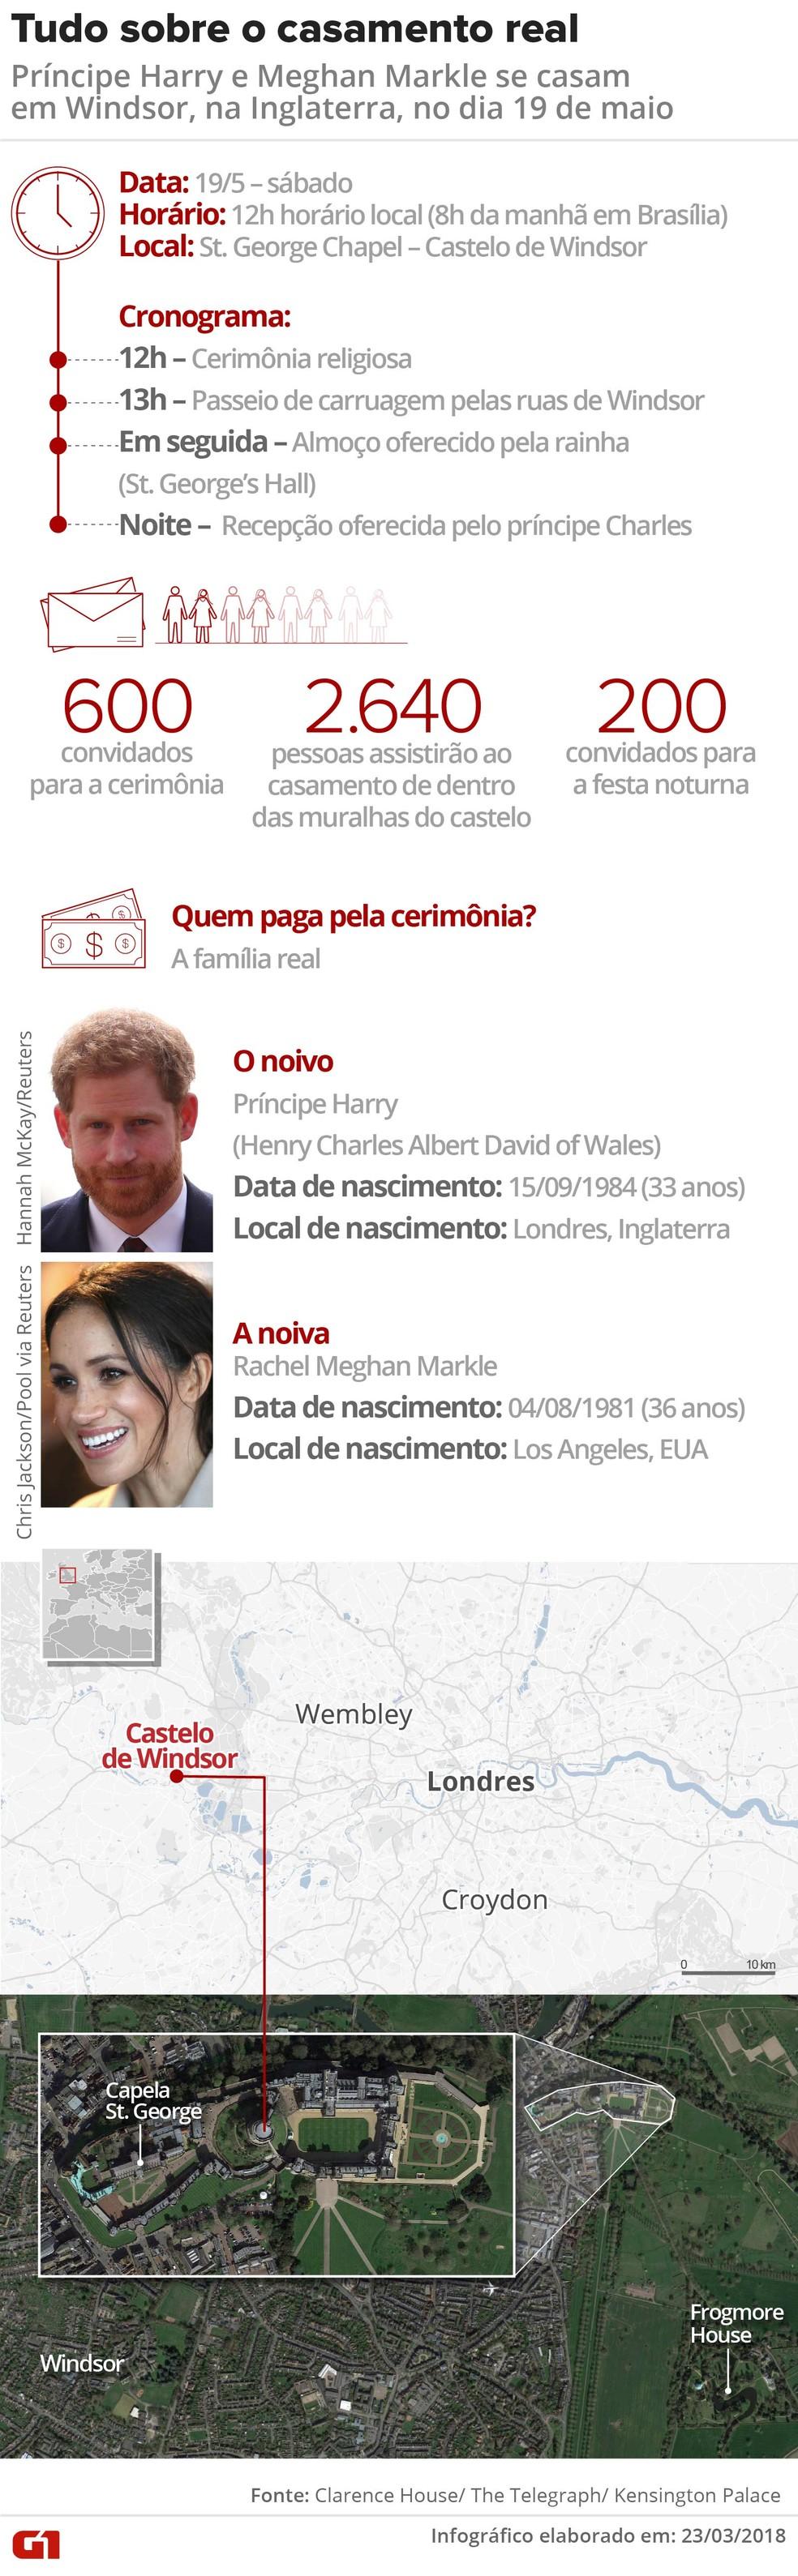 Como será o casamento de Meghan e Harry (Foto: Inforgrafia: Rodrigo Cunha, Igor Estrella/G1)